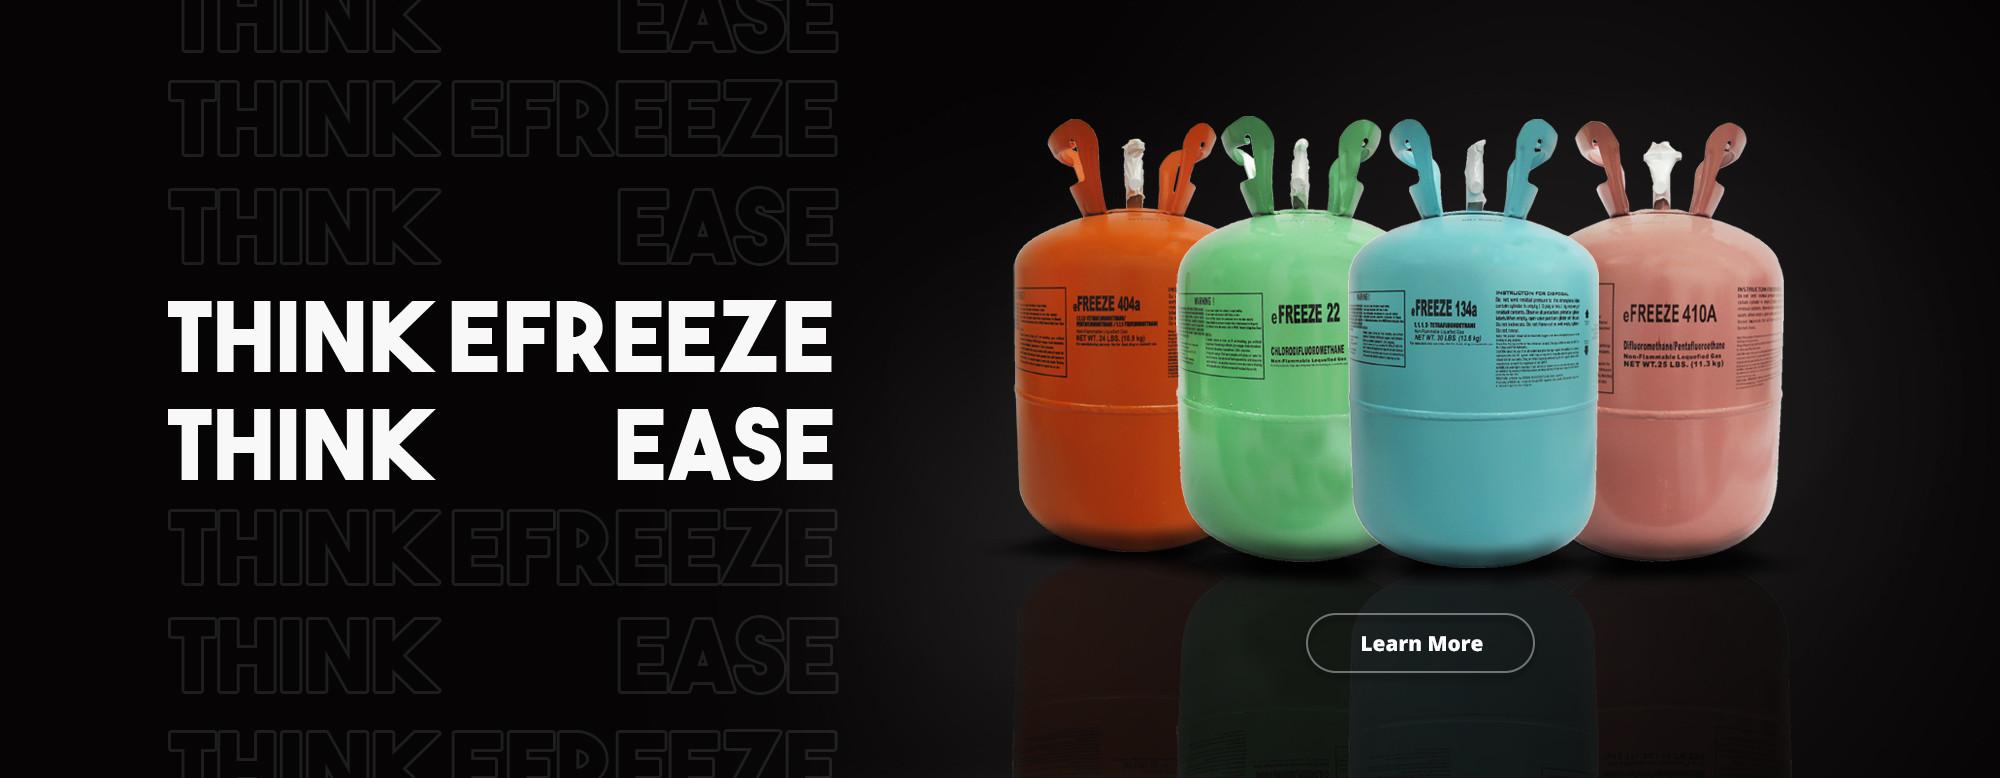 Think eFreeze, Think Freeze